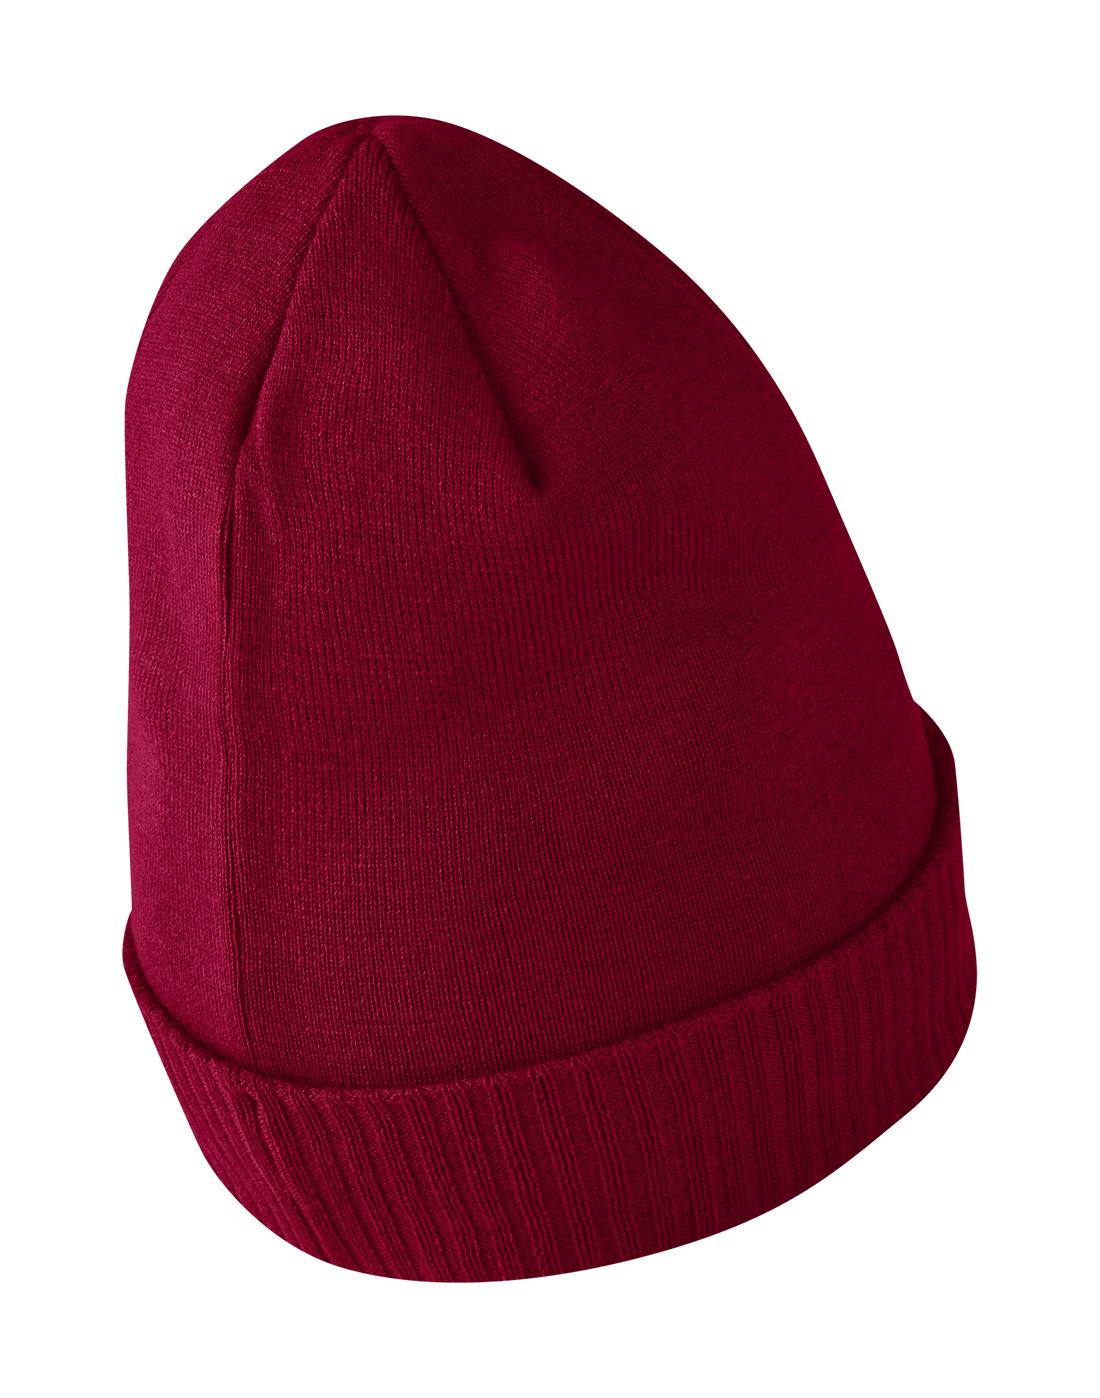 Nike Mens Futura Knit Beanie - Parchment N Lead c4f6a7c5a3da